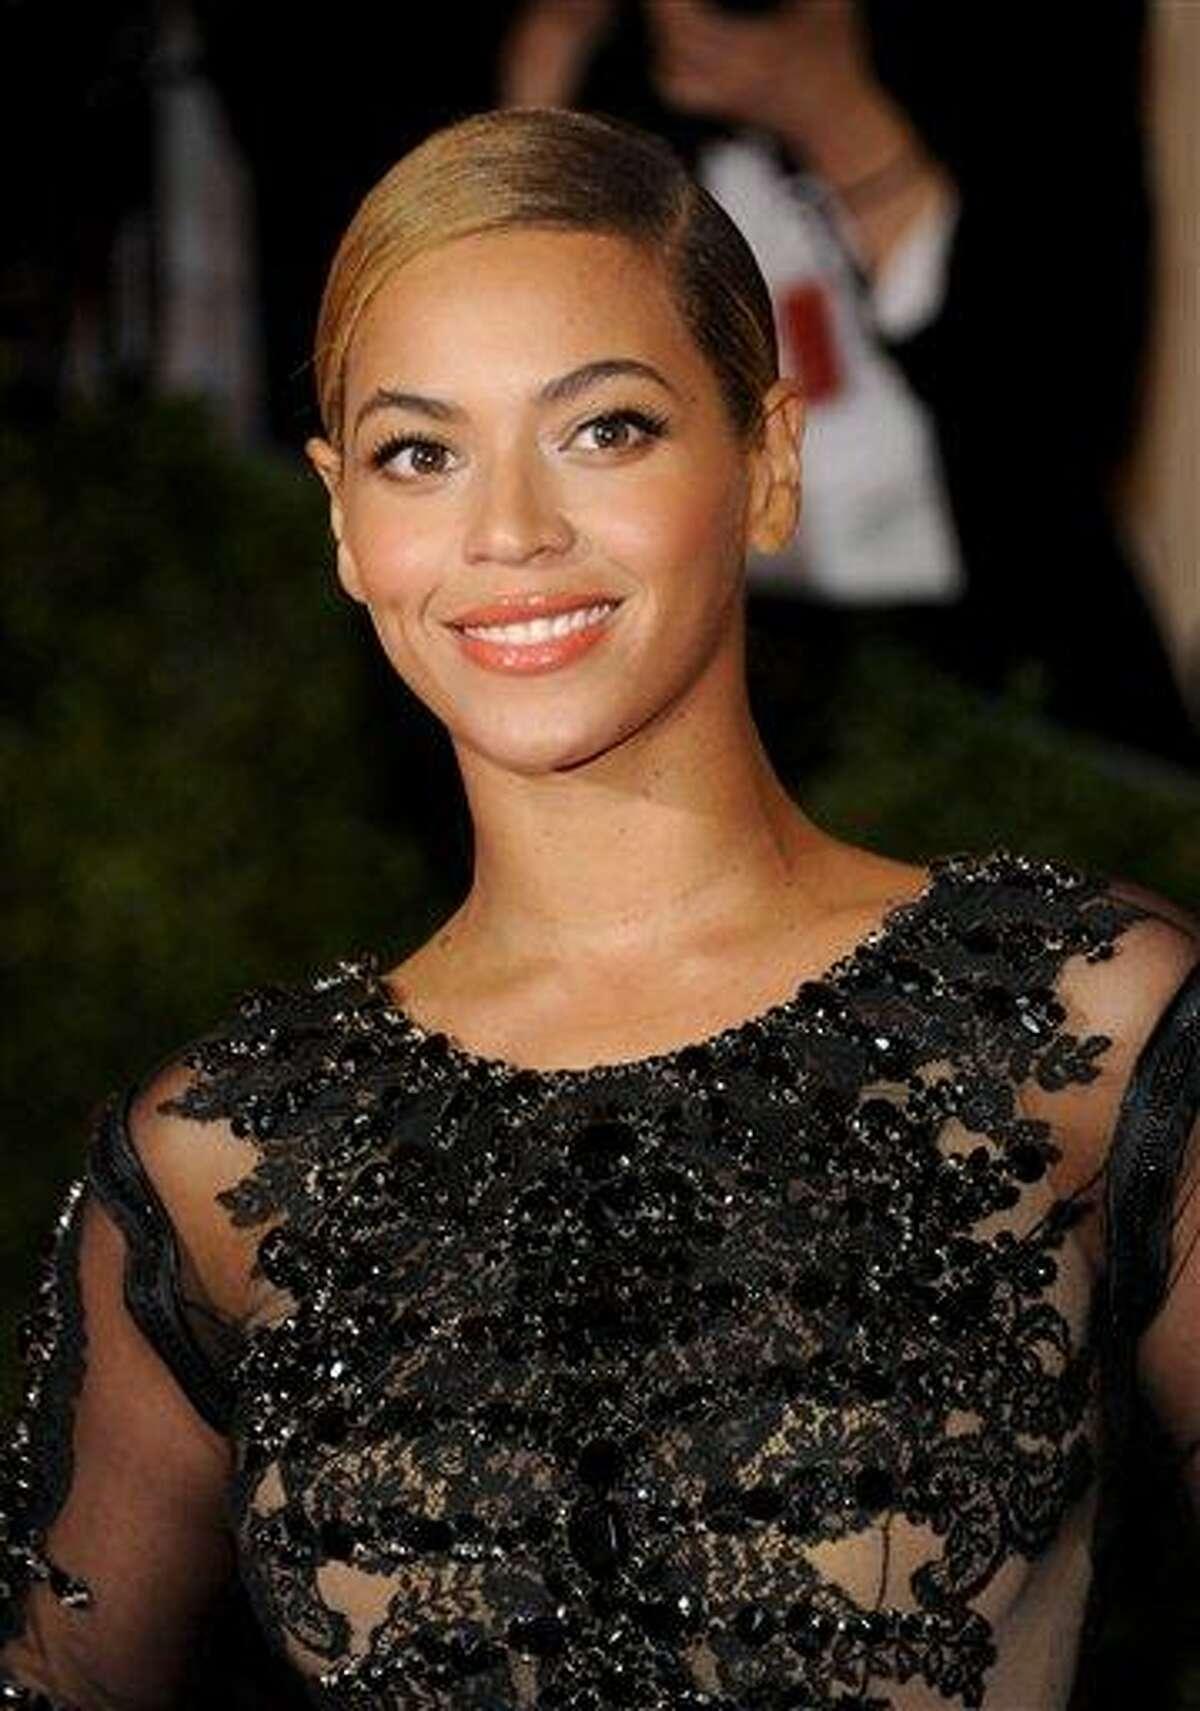 Beyonce Knowles at the Metropolitan Museum of Art Costume Institute gala benefit, celebrating Elsa Schiaparelli and Miuccia Prada in New York. AP Photo